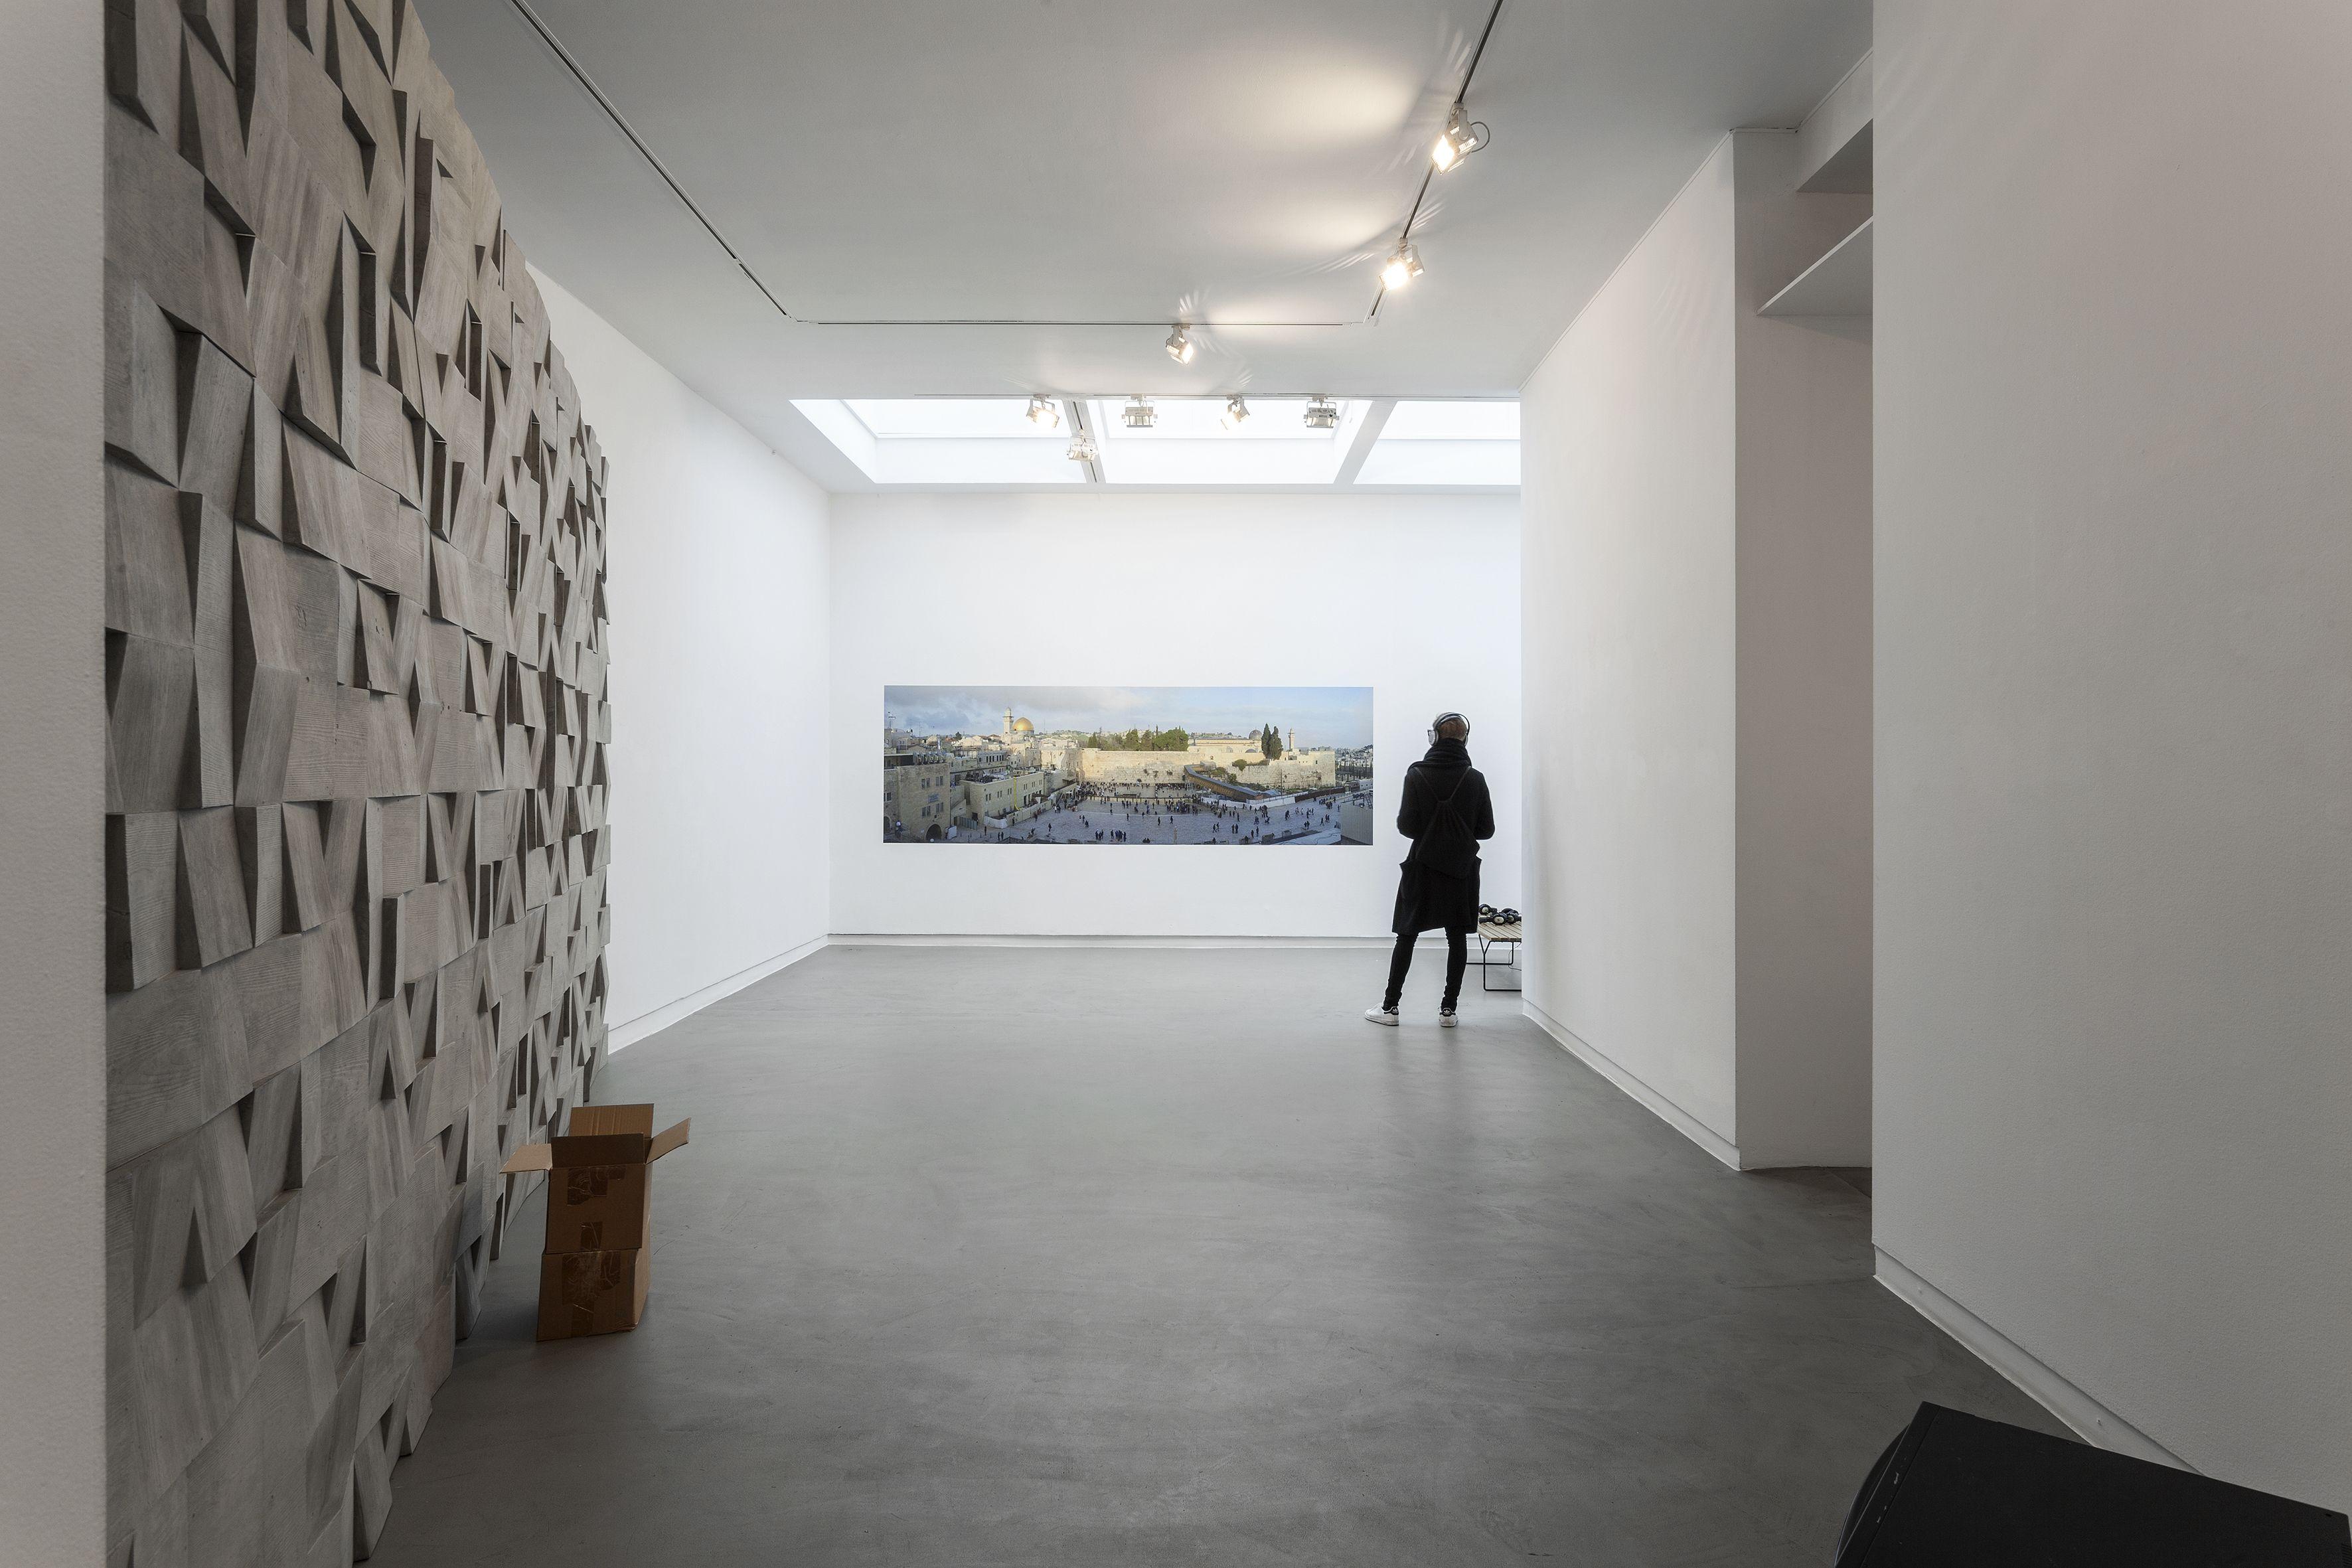 instagram is killing the way we experience art in museums quartz Ryan Gander Kunstenaar Op Gallery Viewer Gallery Vie